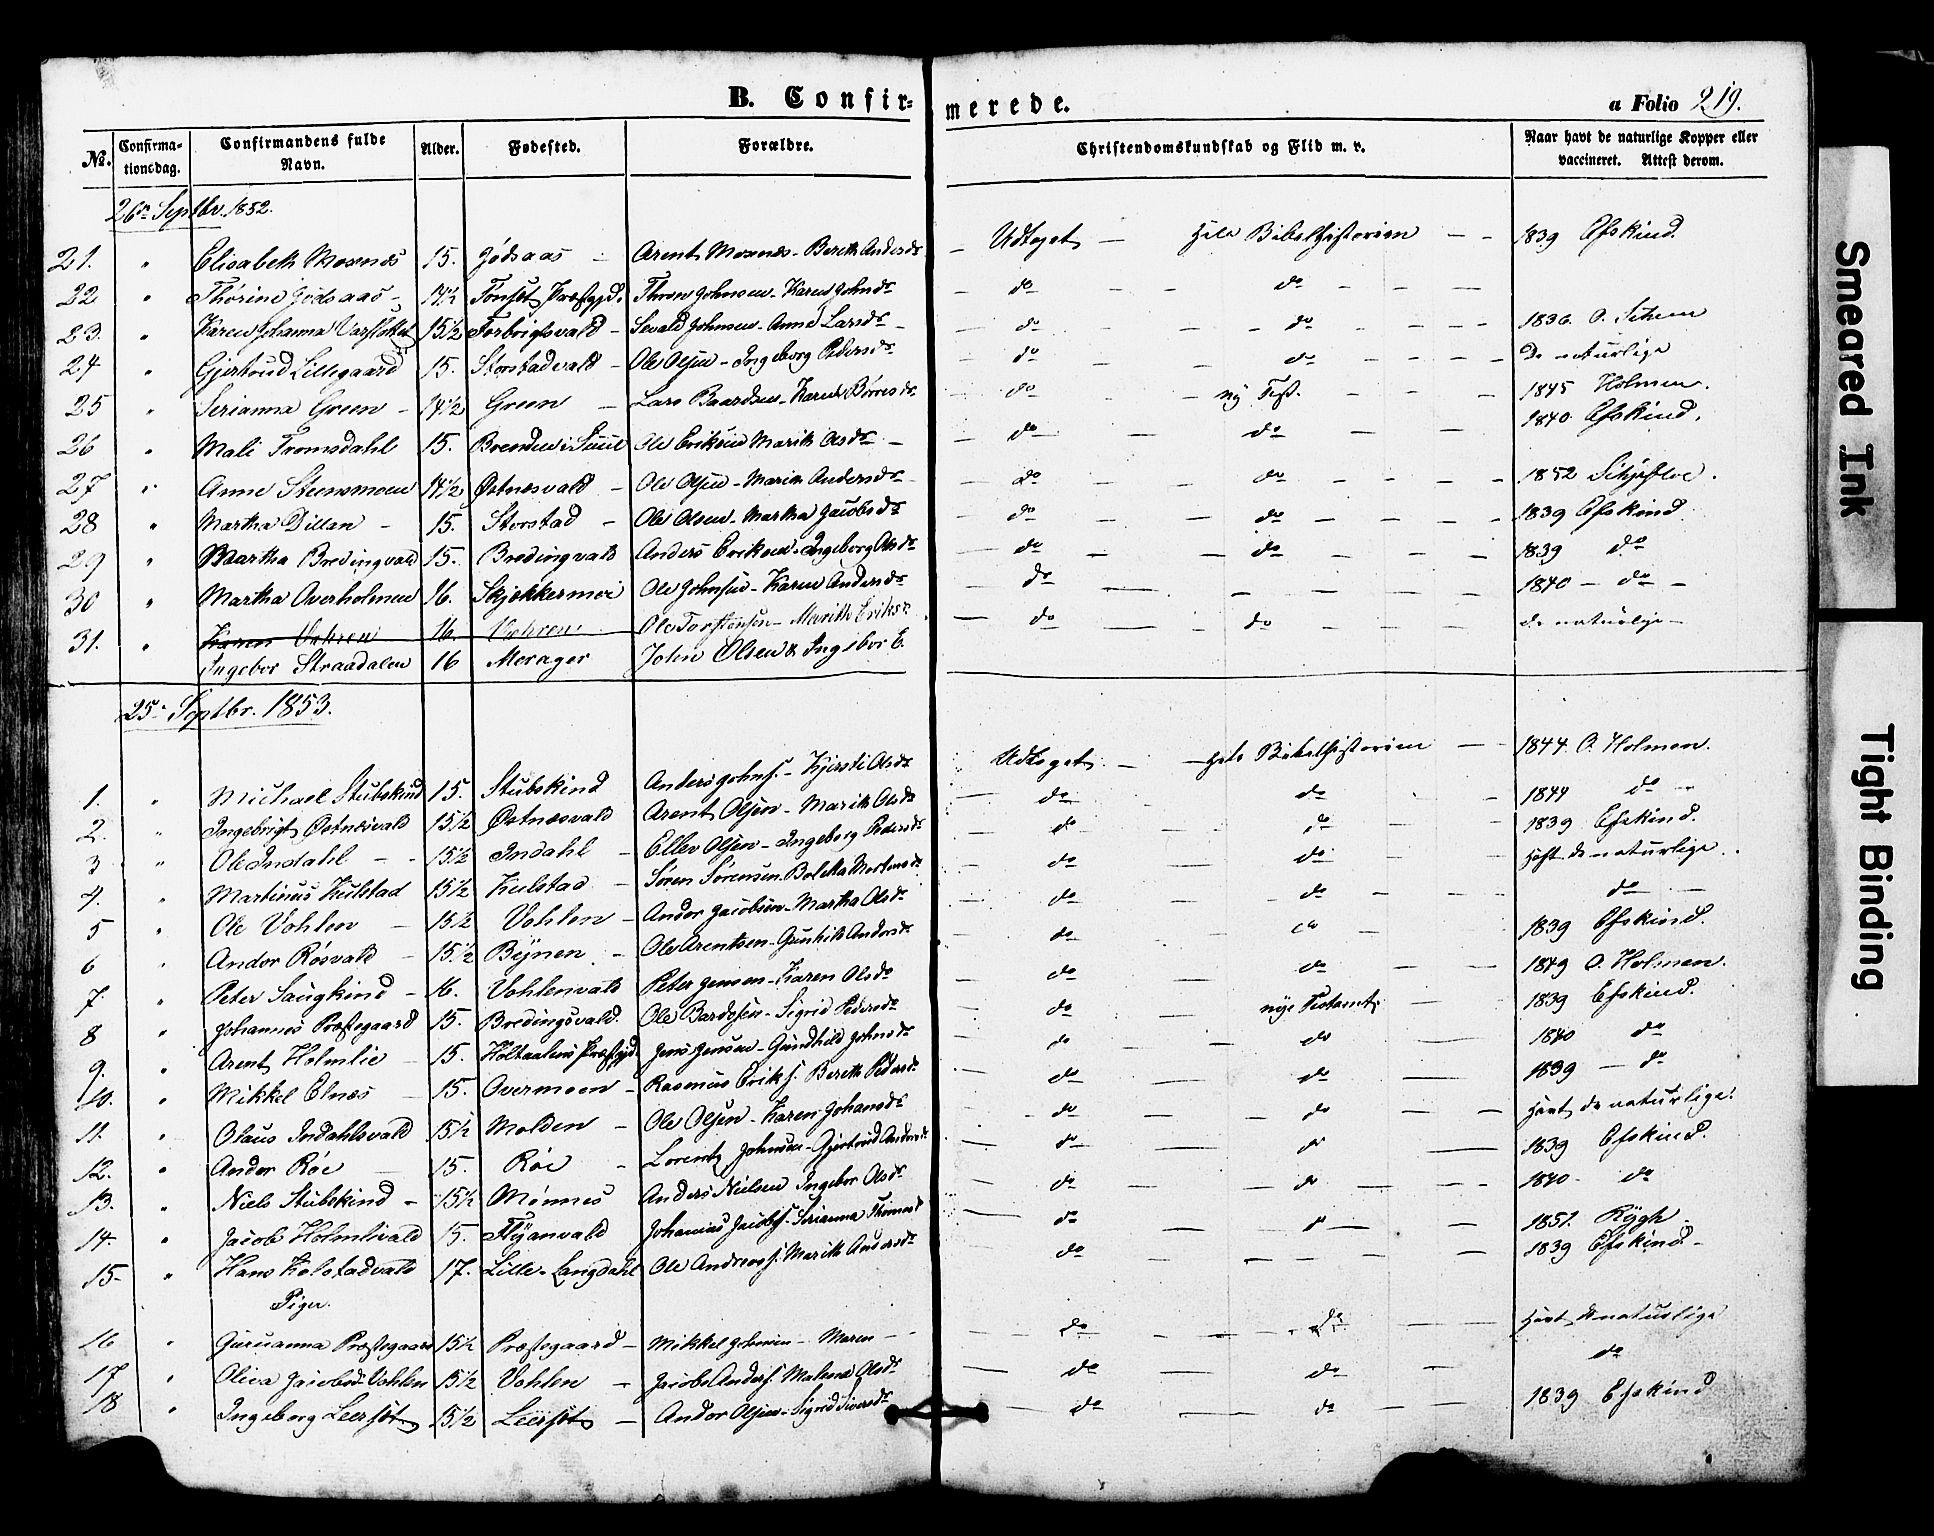 SAT, Ministerialprotokoller, klokkerbøker og fødselsregistre - Nord-Trøndelag, 724/L0268: Klokkerbok nr. 724C04, 1846-1878, s. 219